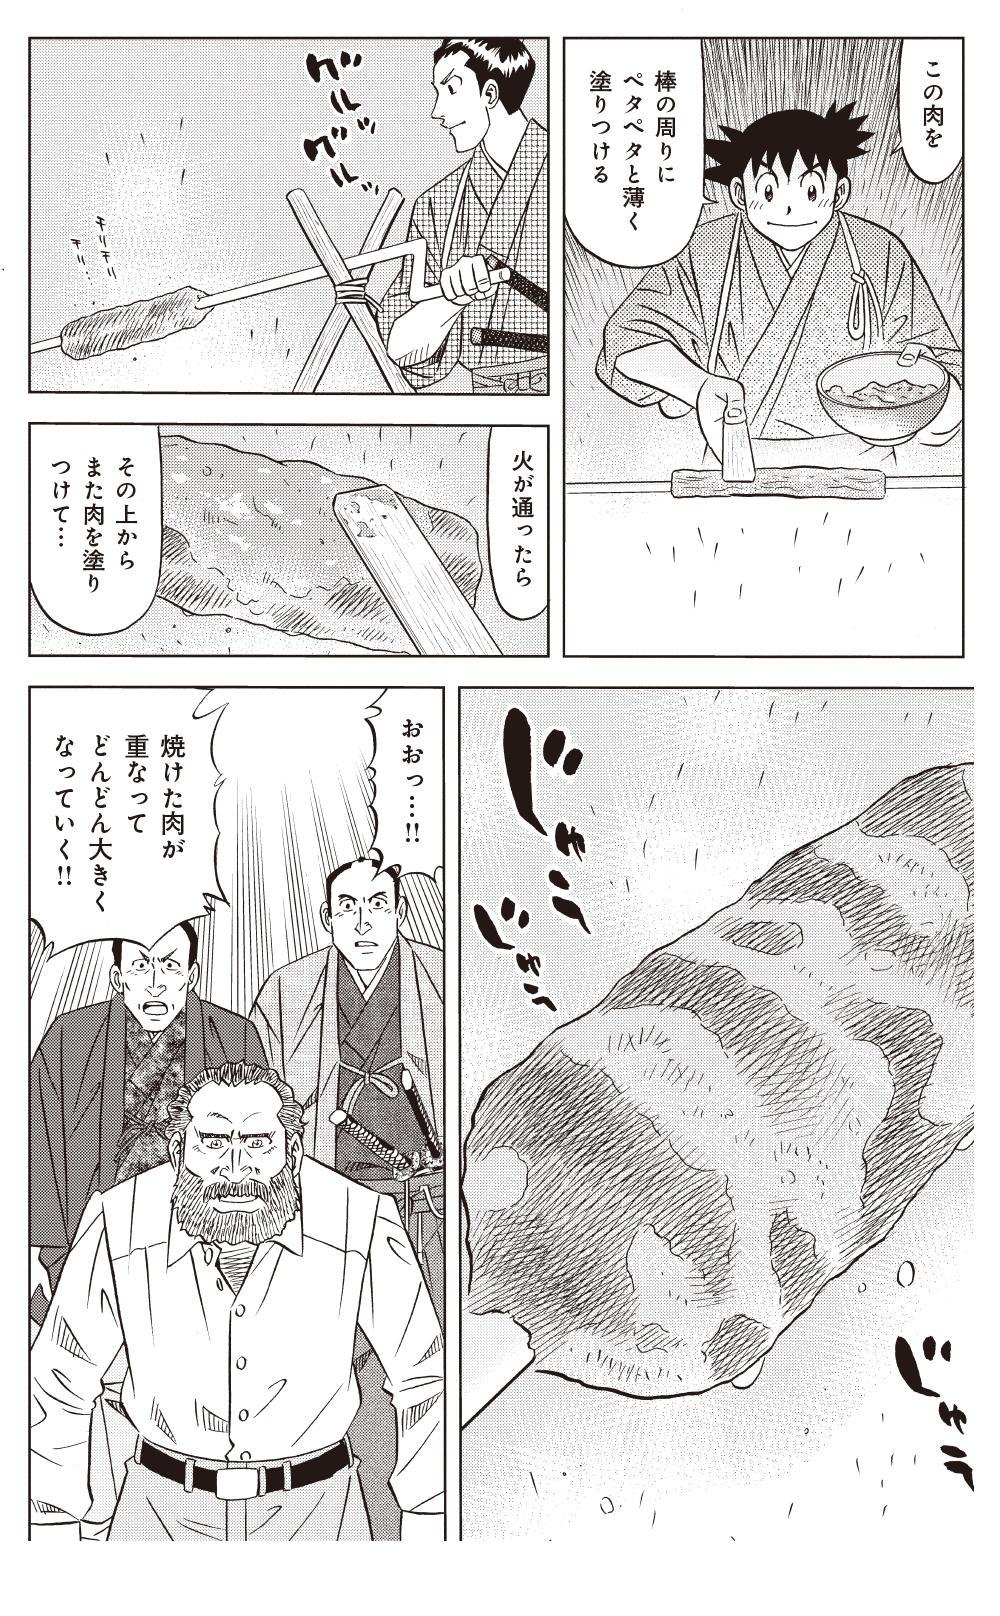 ミスター味っ子 幕末編 第3話「黄金大陸」②ajikko02-100.jpg